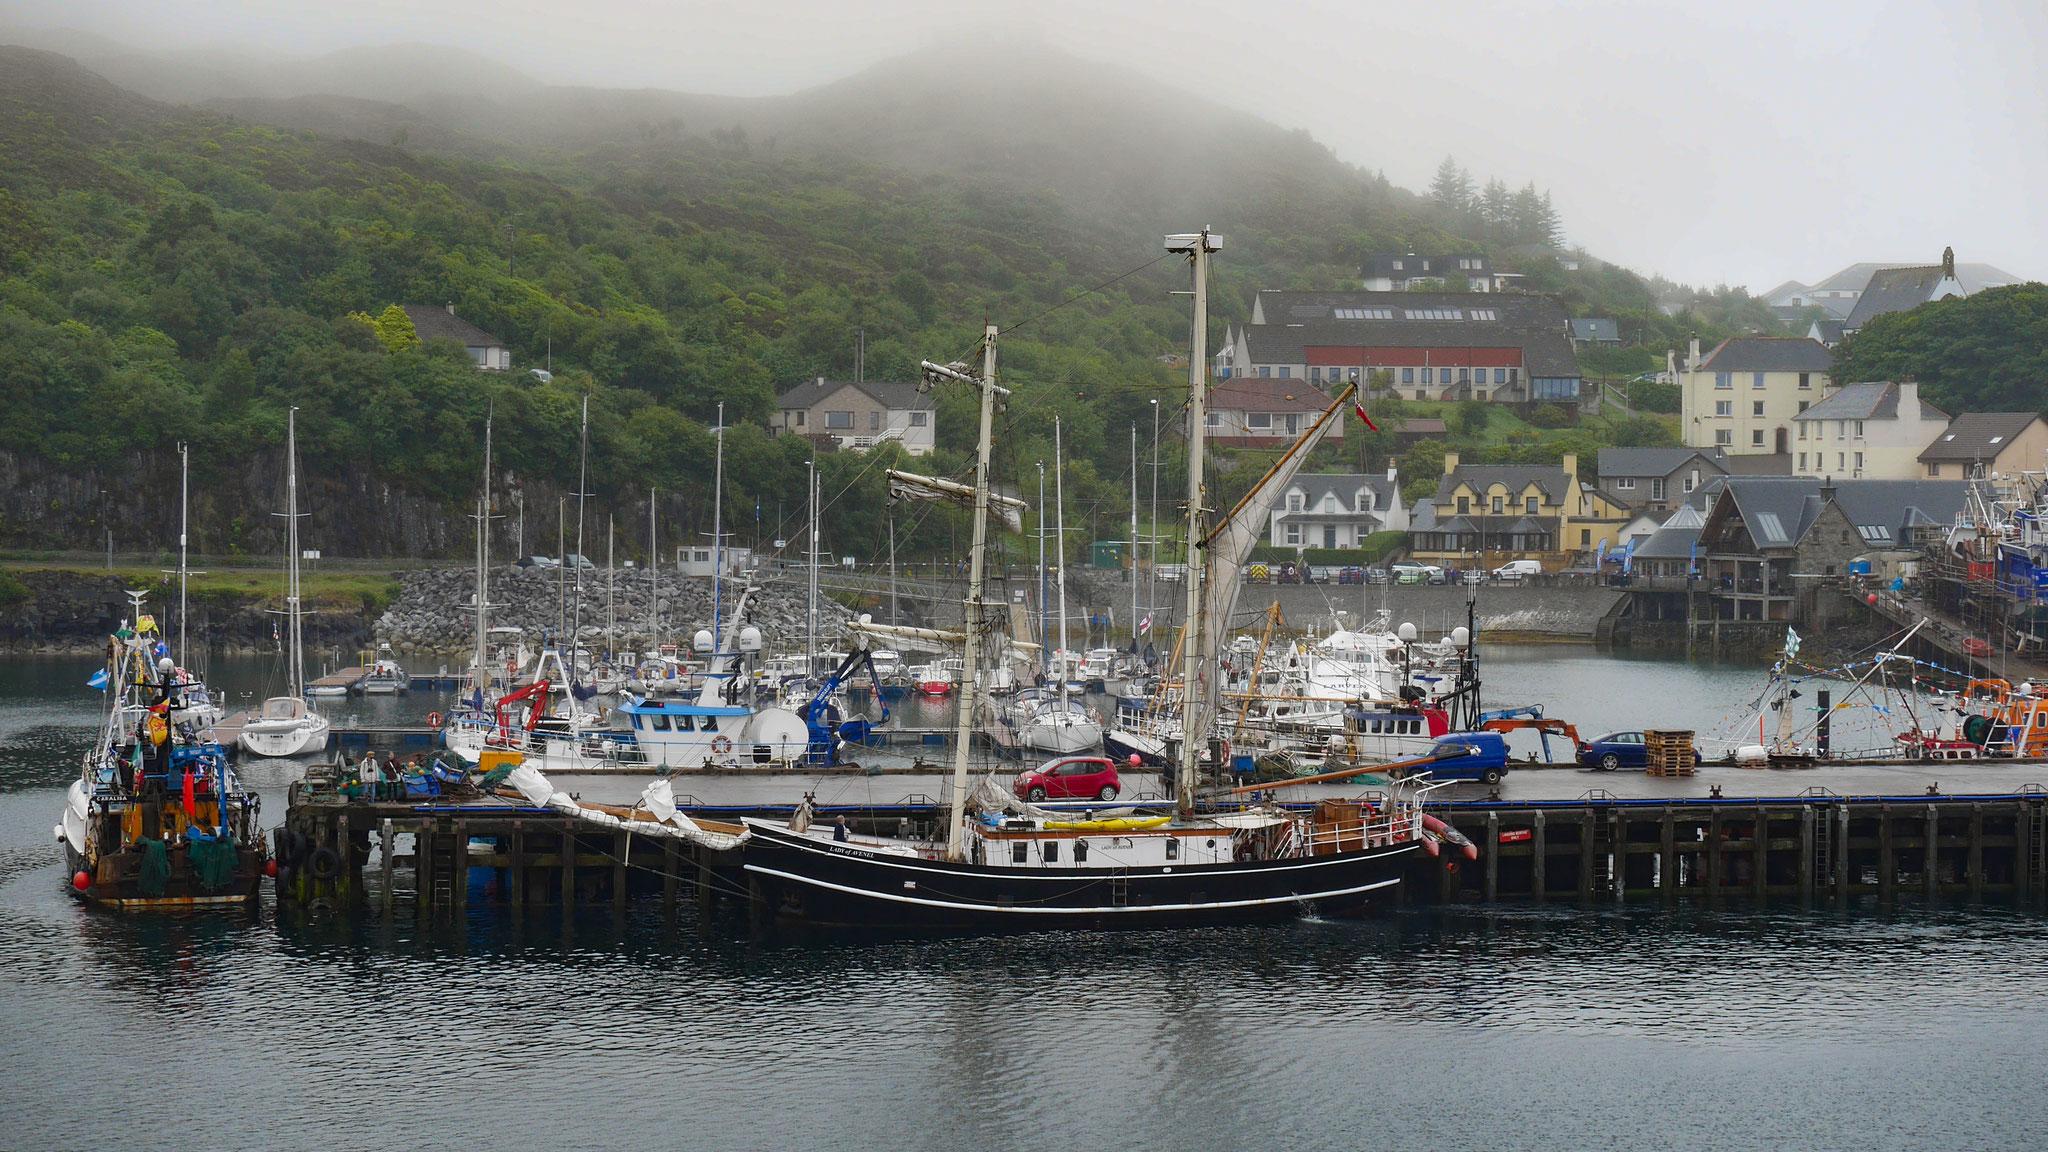 Hafen von Mallaig